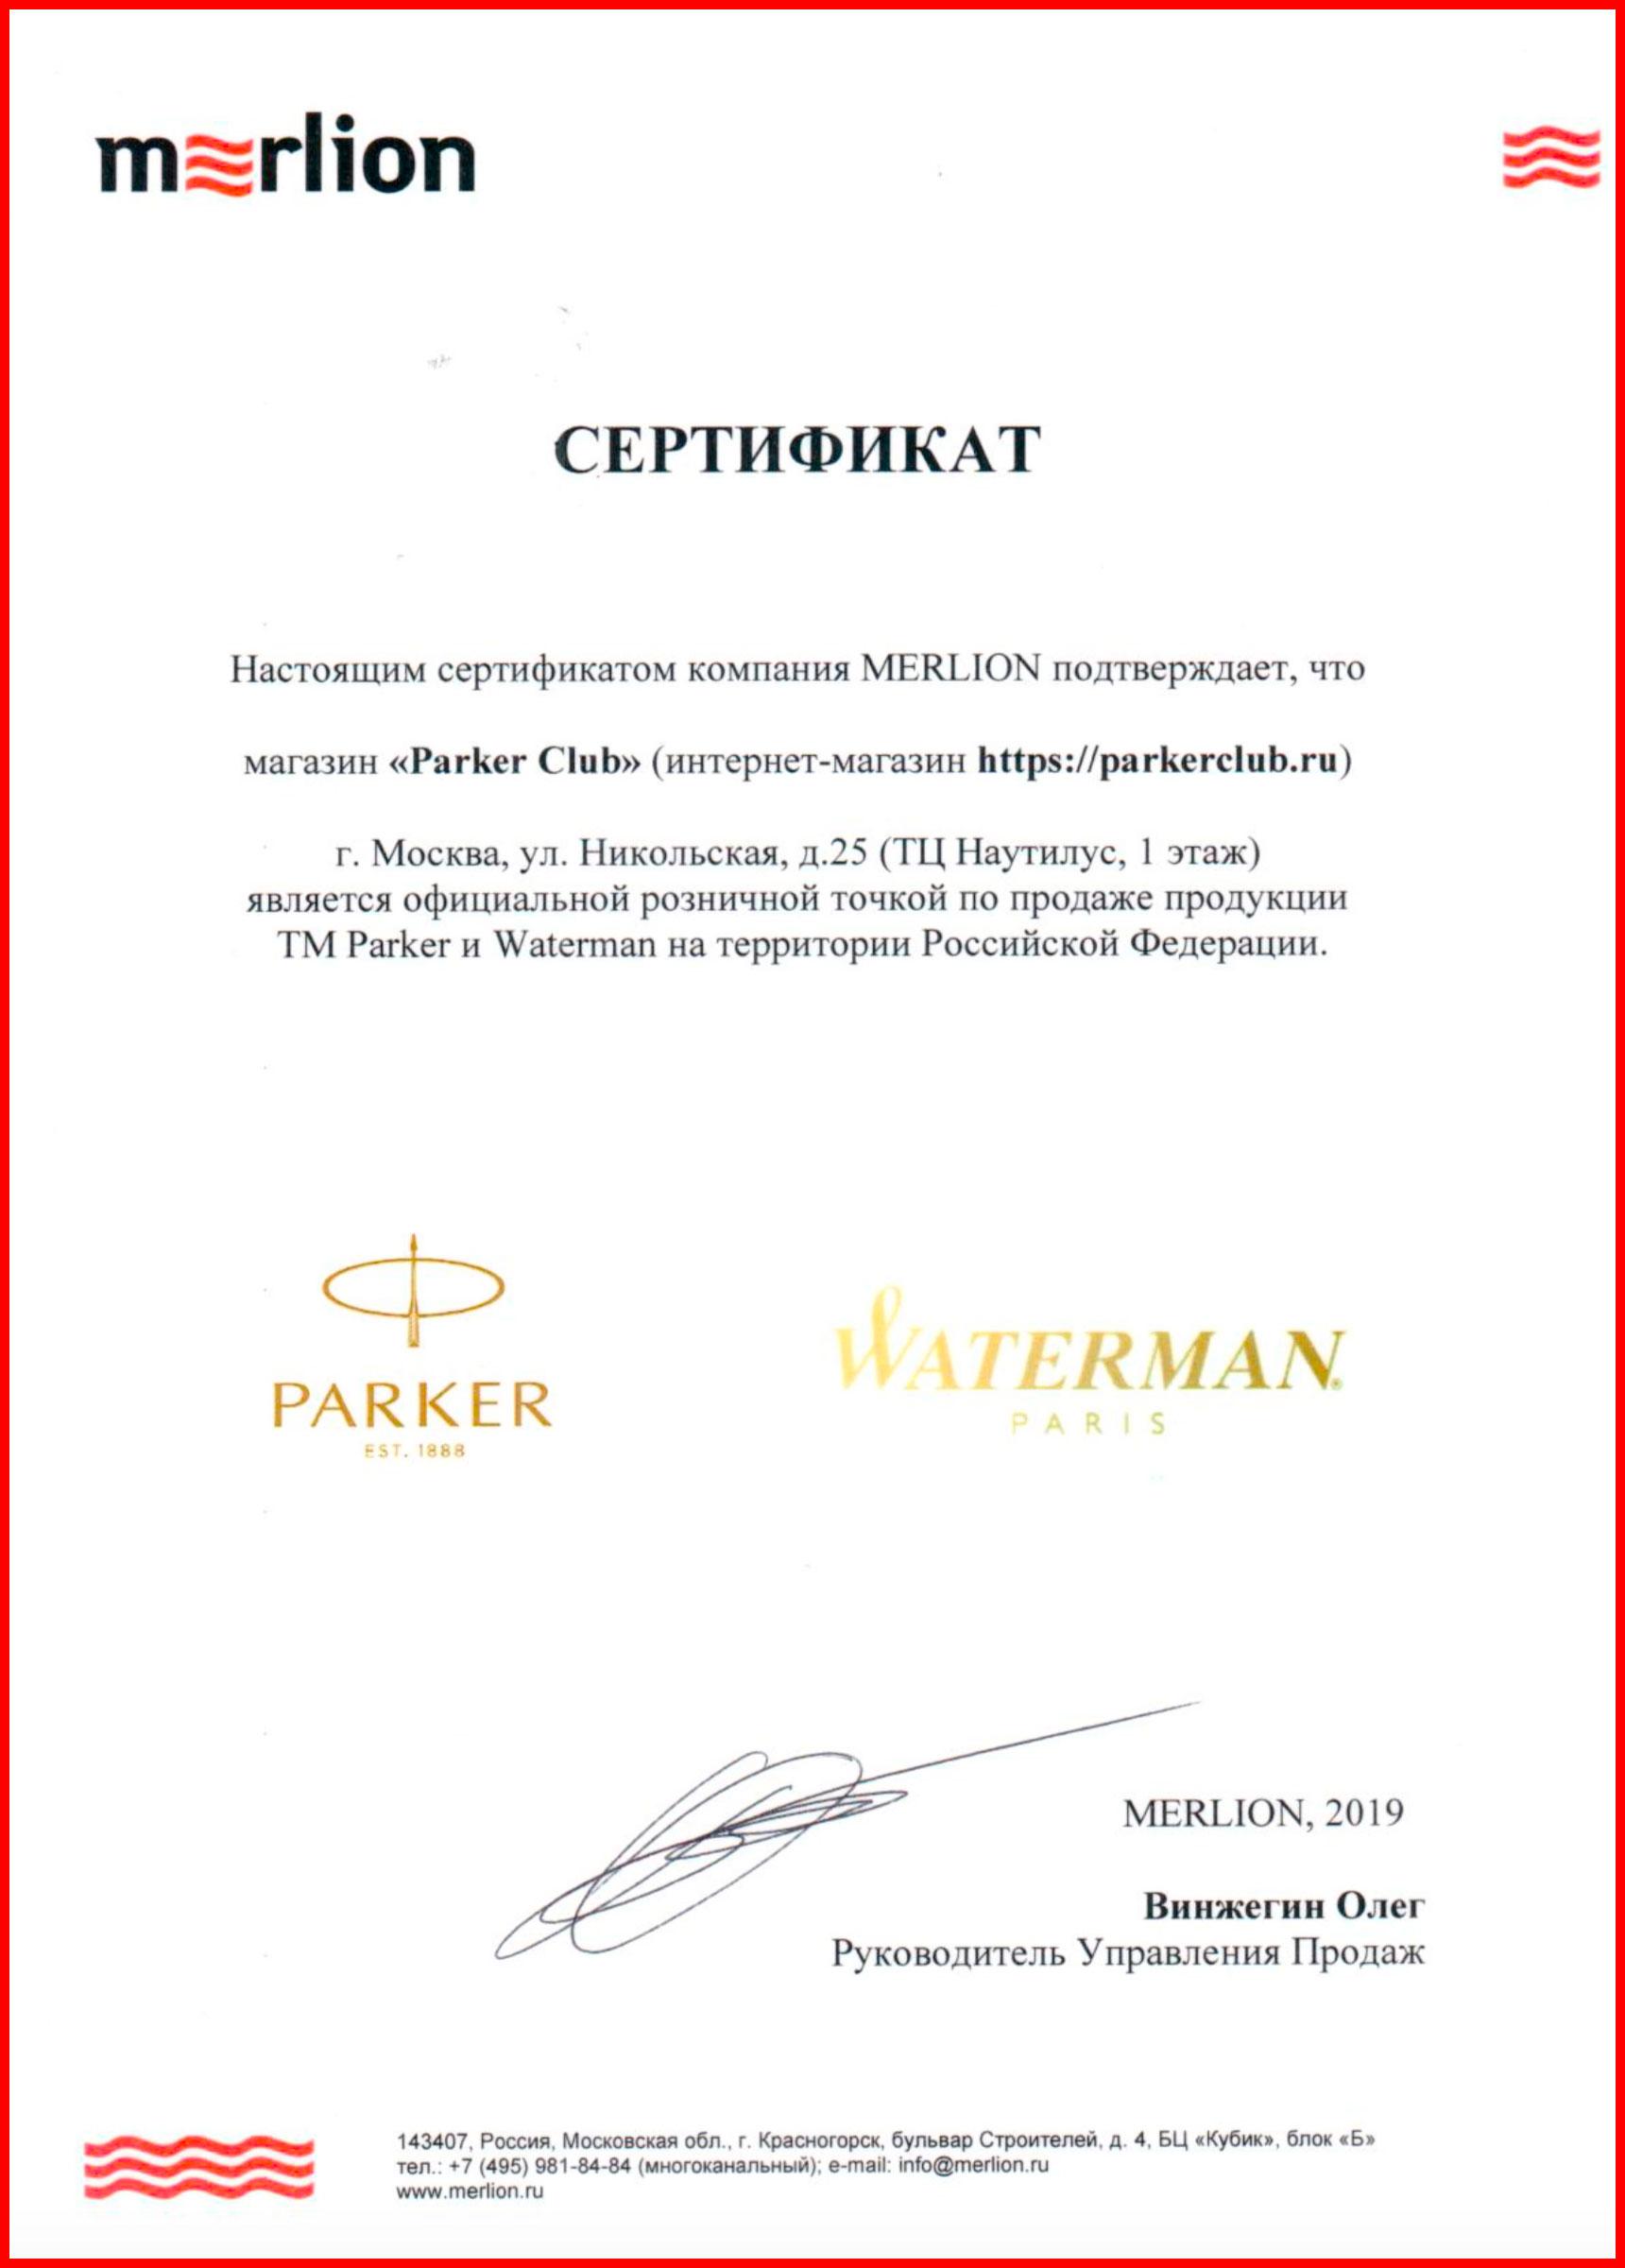 Сертификат официальной торговой точки